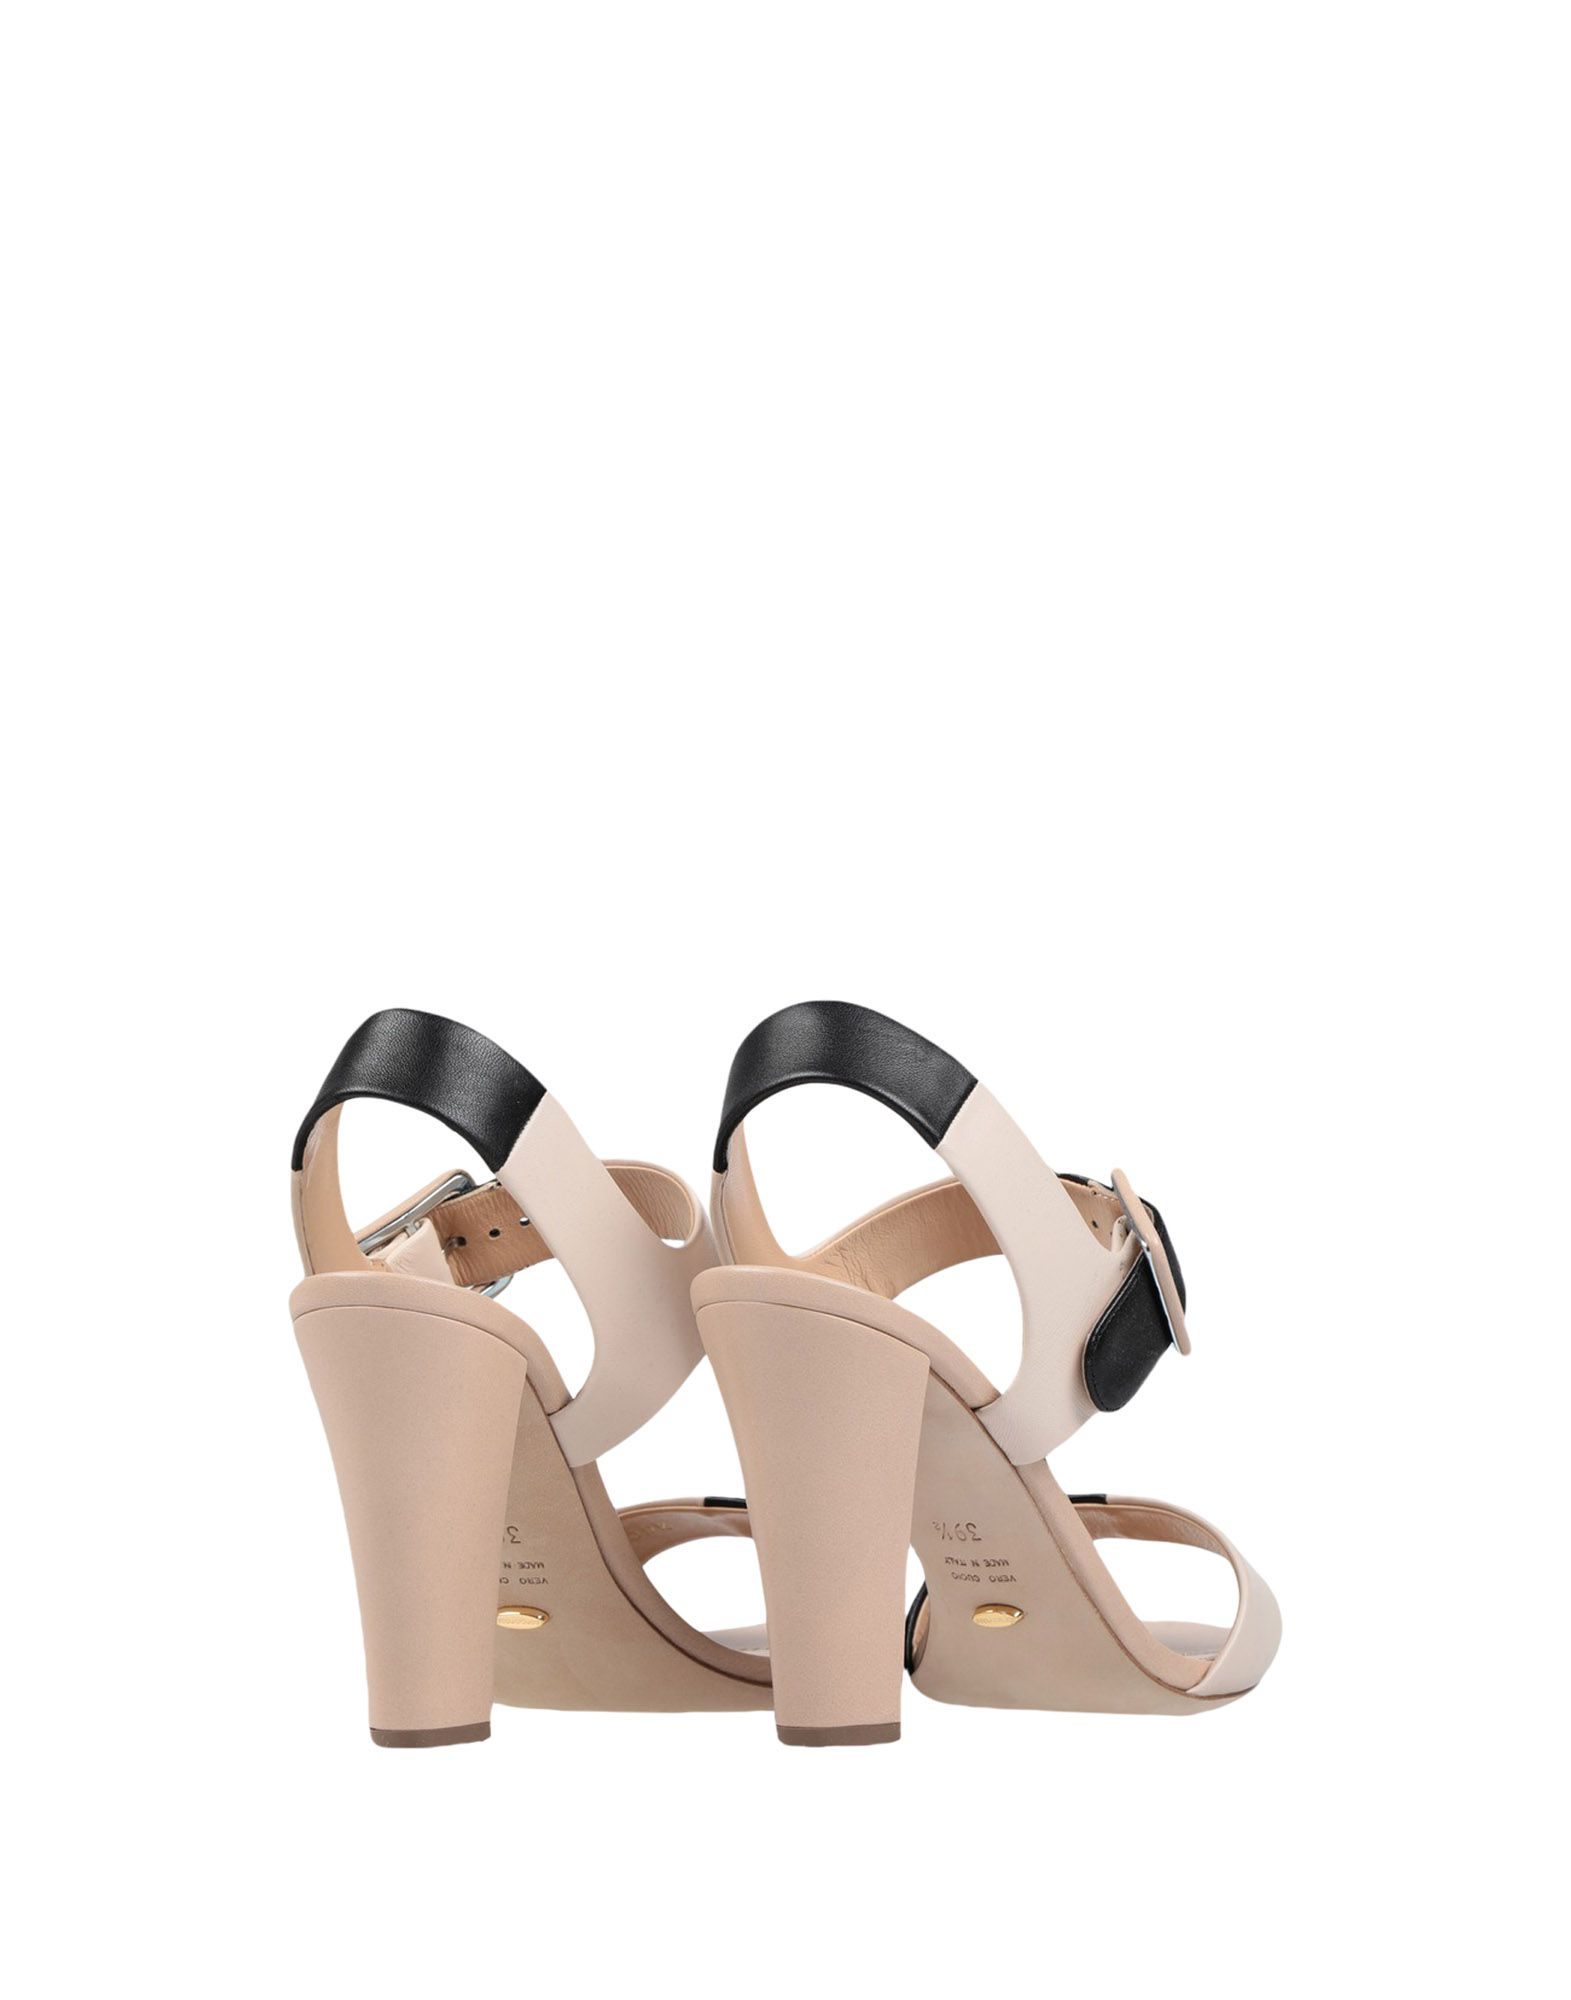 Sergio Rossi Sandalen Damen aussehende  11525877BMGünstige gut aussehende Damen Schuhe 850cf5